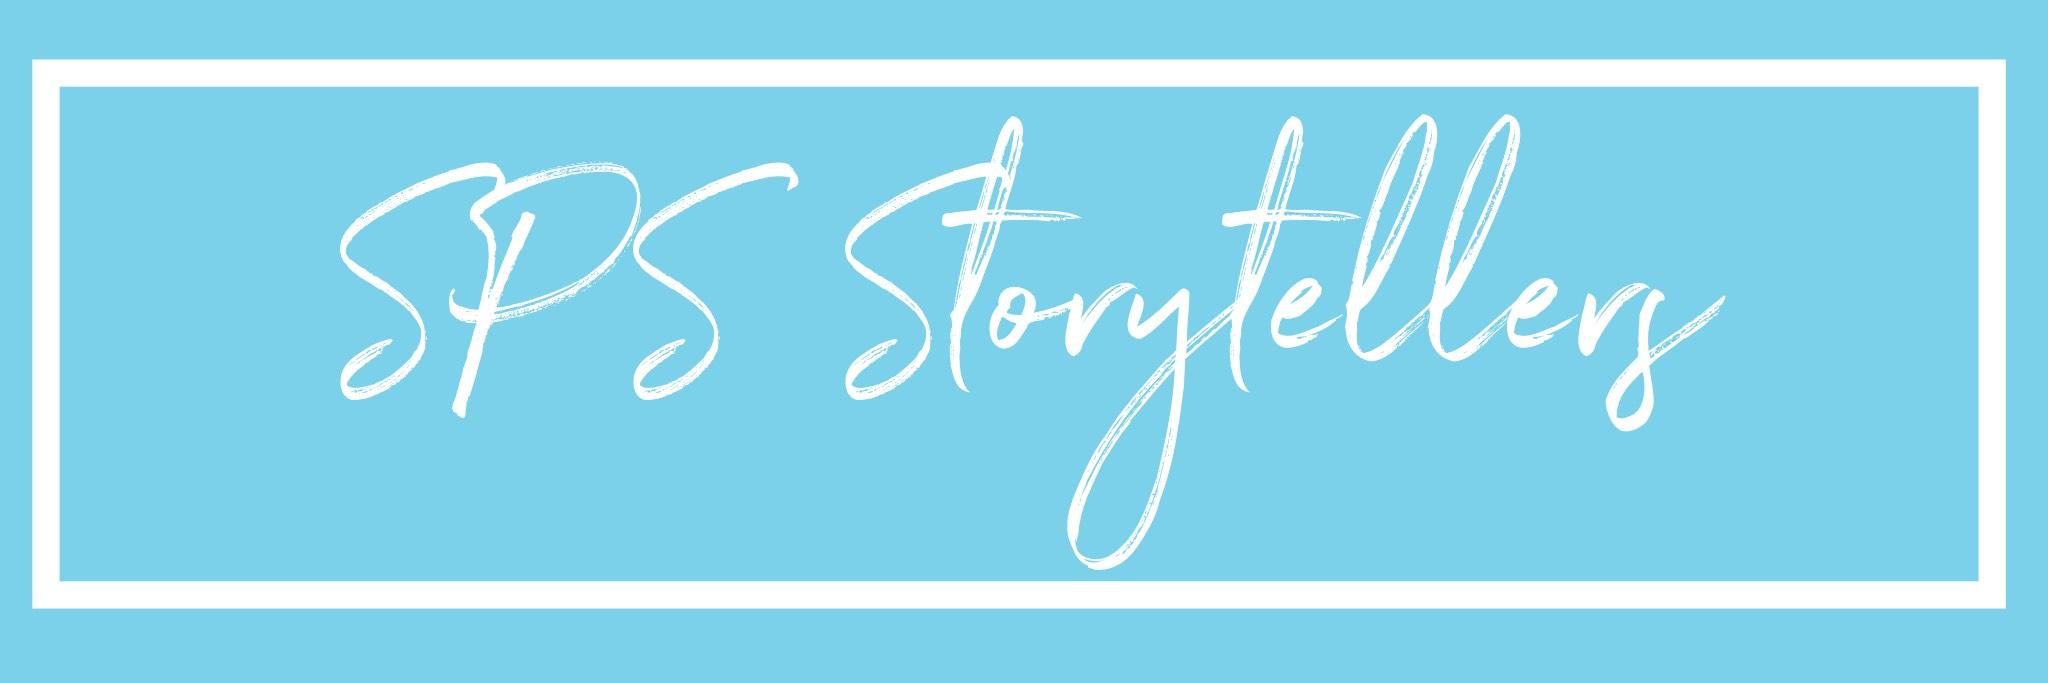 SPS Storytellers Mindy's surrogacy story